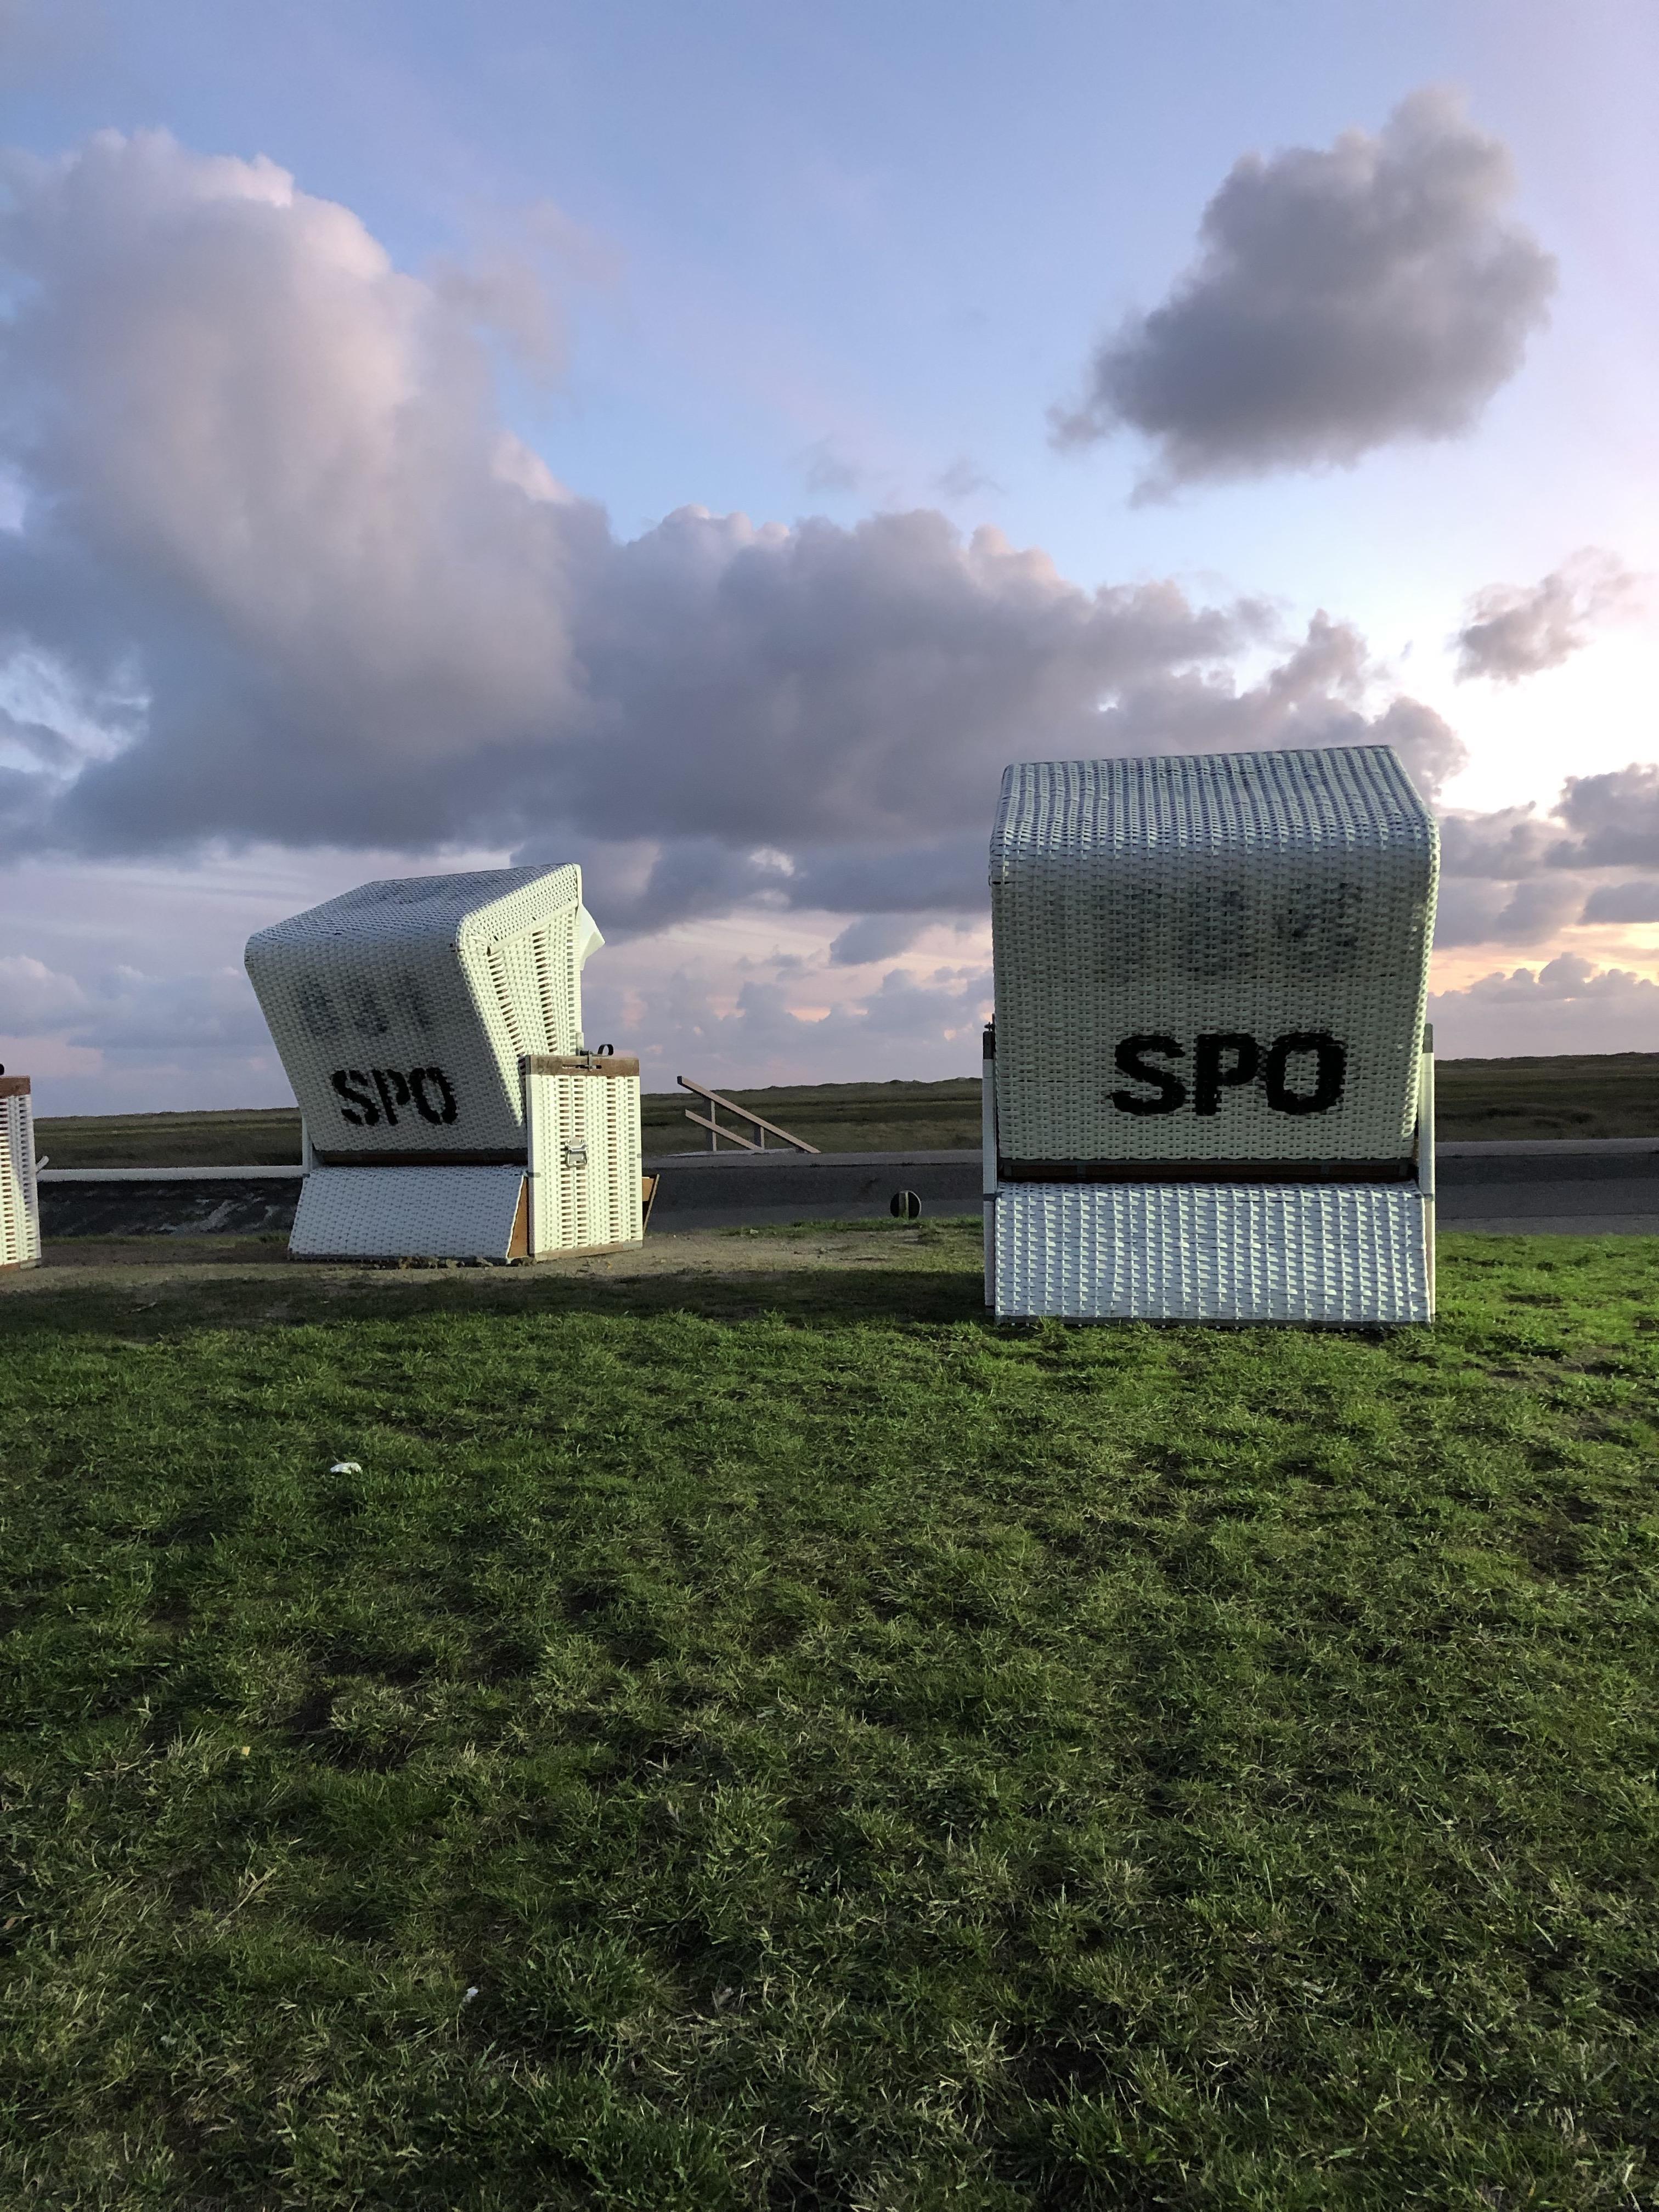 """Zwei Strandkörbe mit der Aufschrift """"SPO"""" auf einer Wiese, Abendhimmel mit Wolken"""